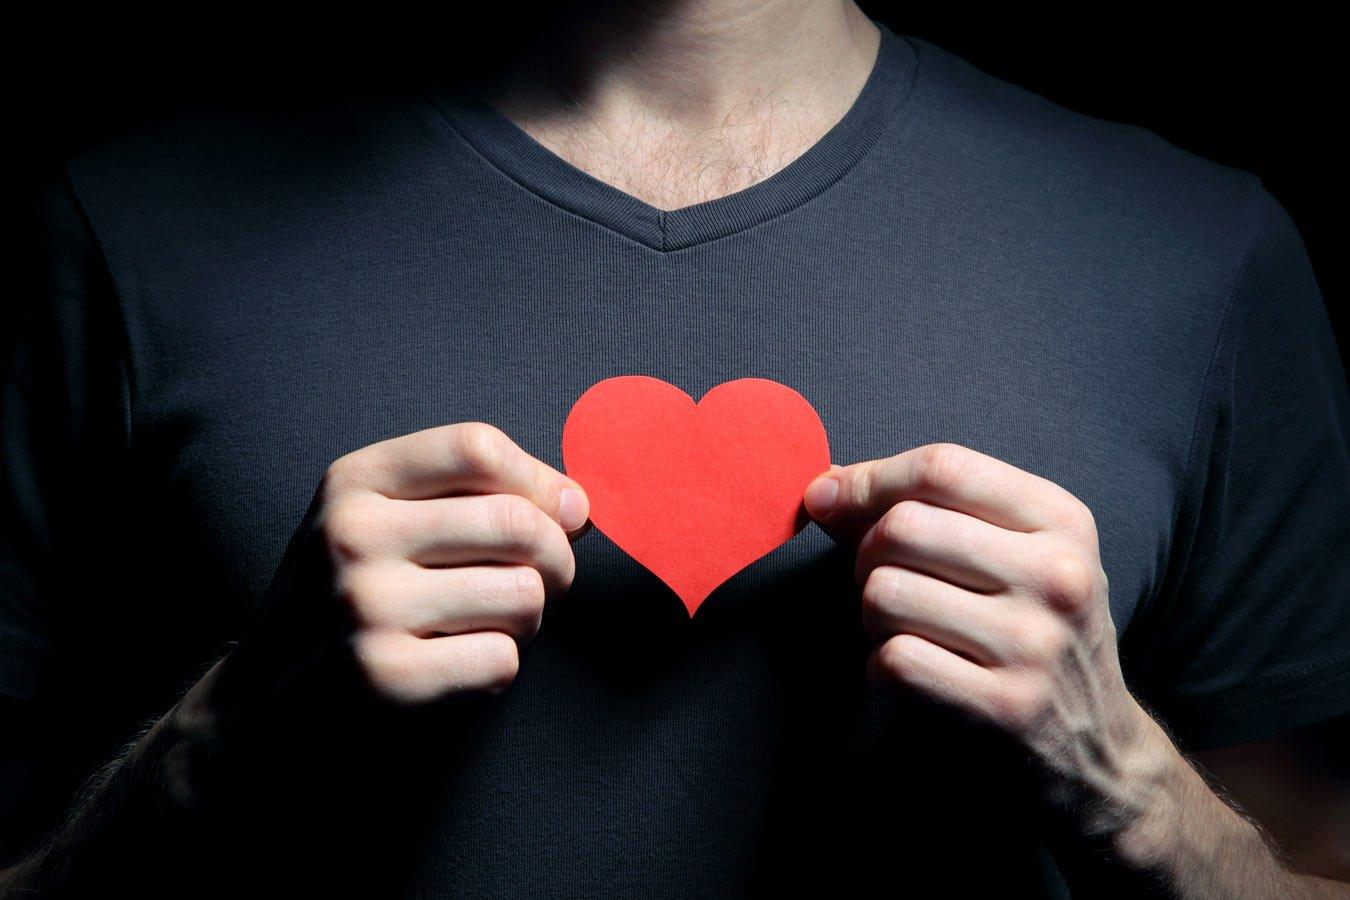 картинка парень и рядом сердце